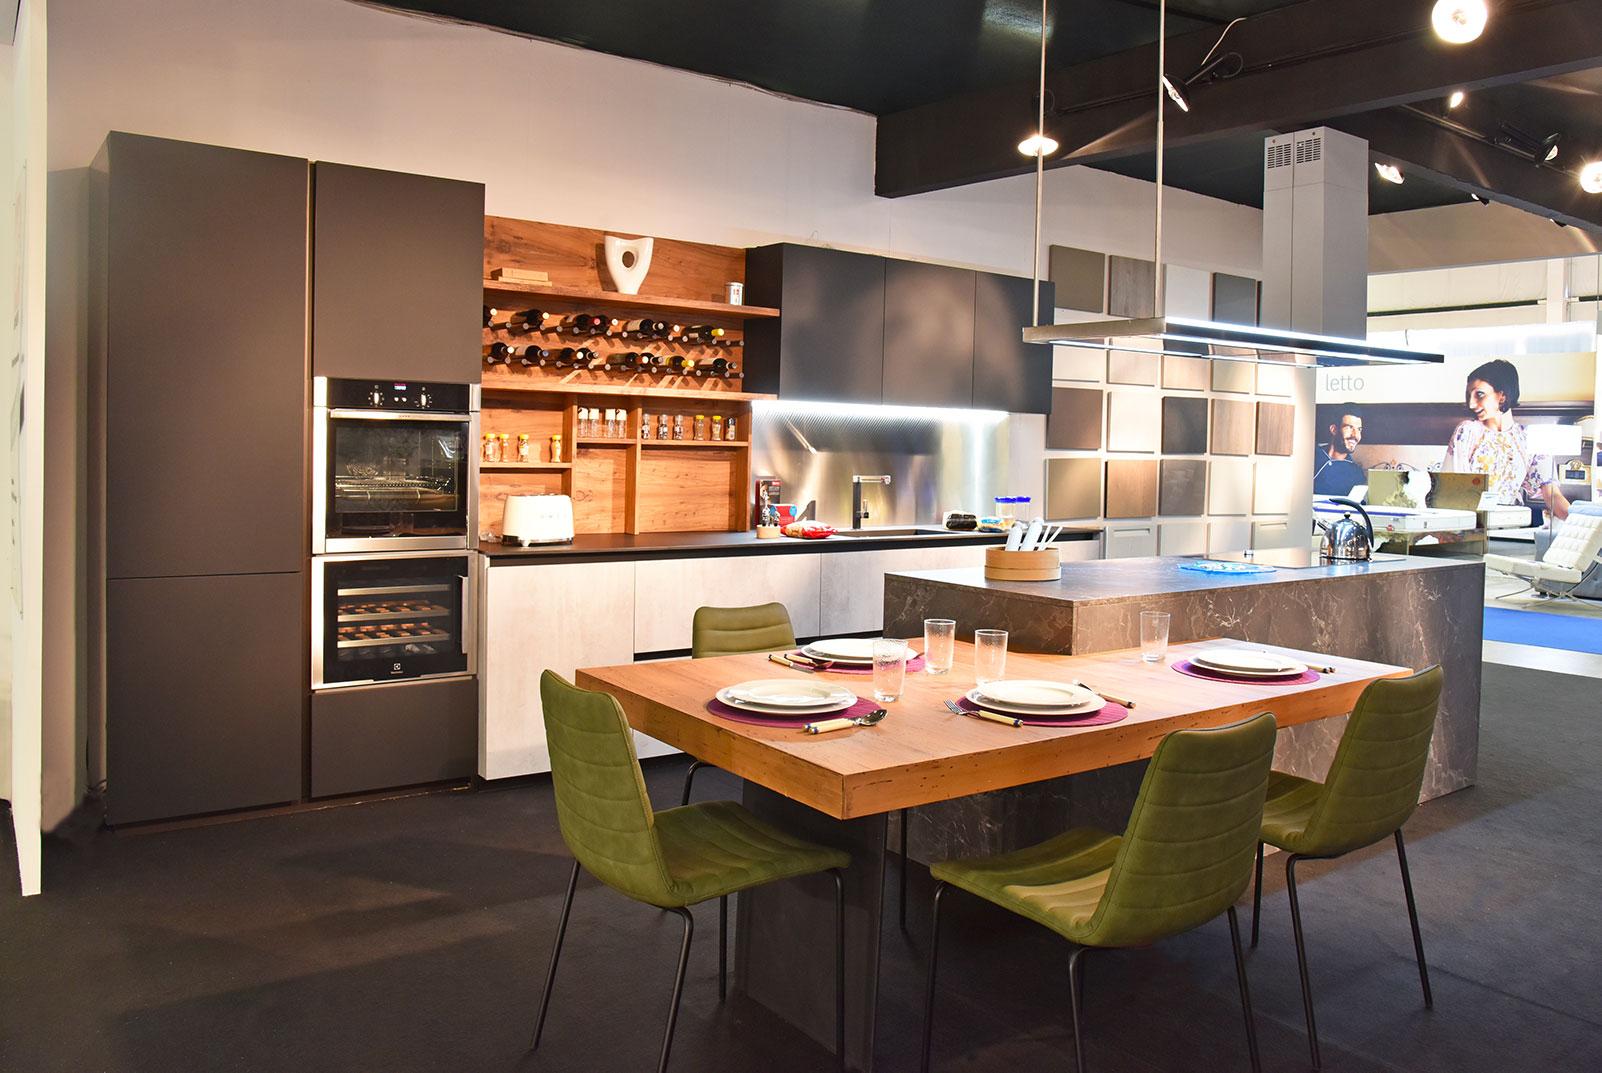 Cucine Moderne Perugia | Cucine in Muratura Perugia - Luci e ...